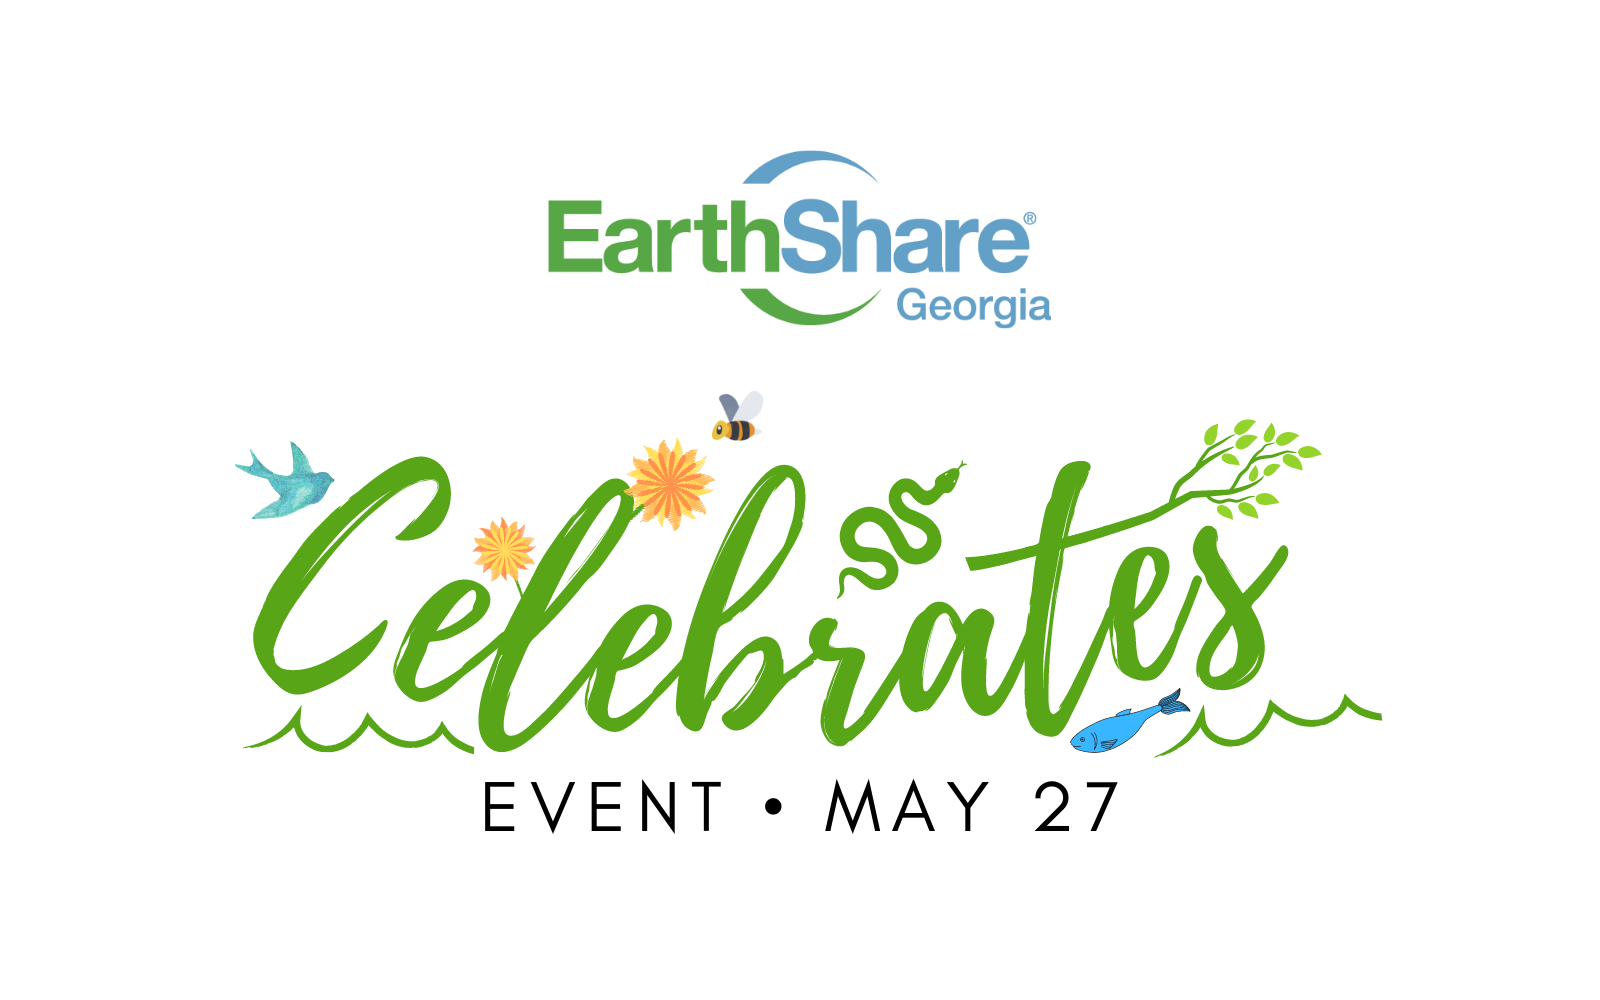 EarthShare Georgia Celebrates Event image